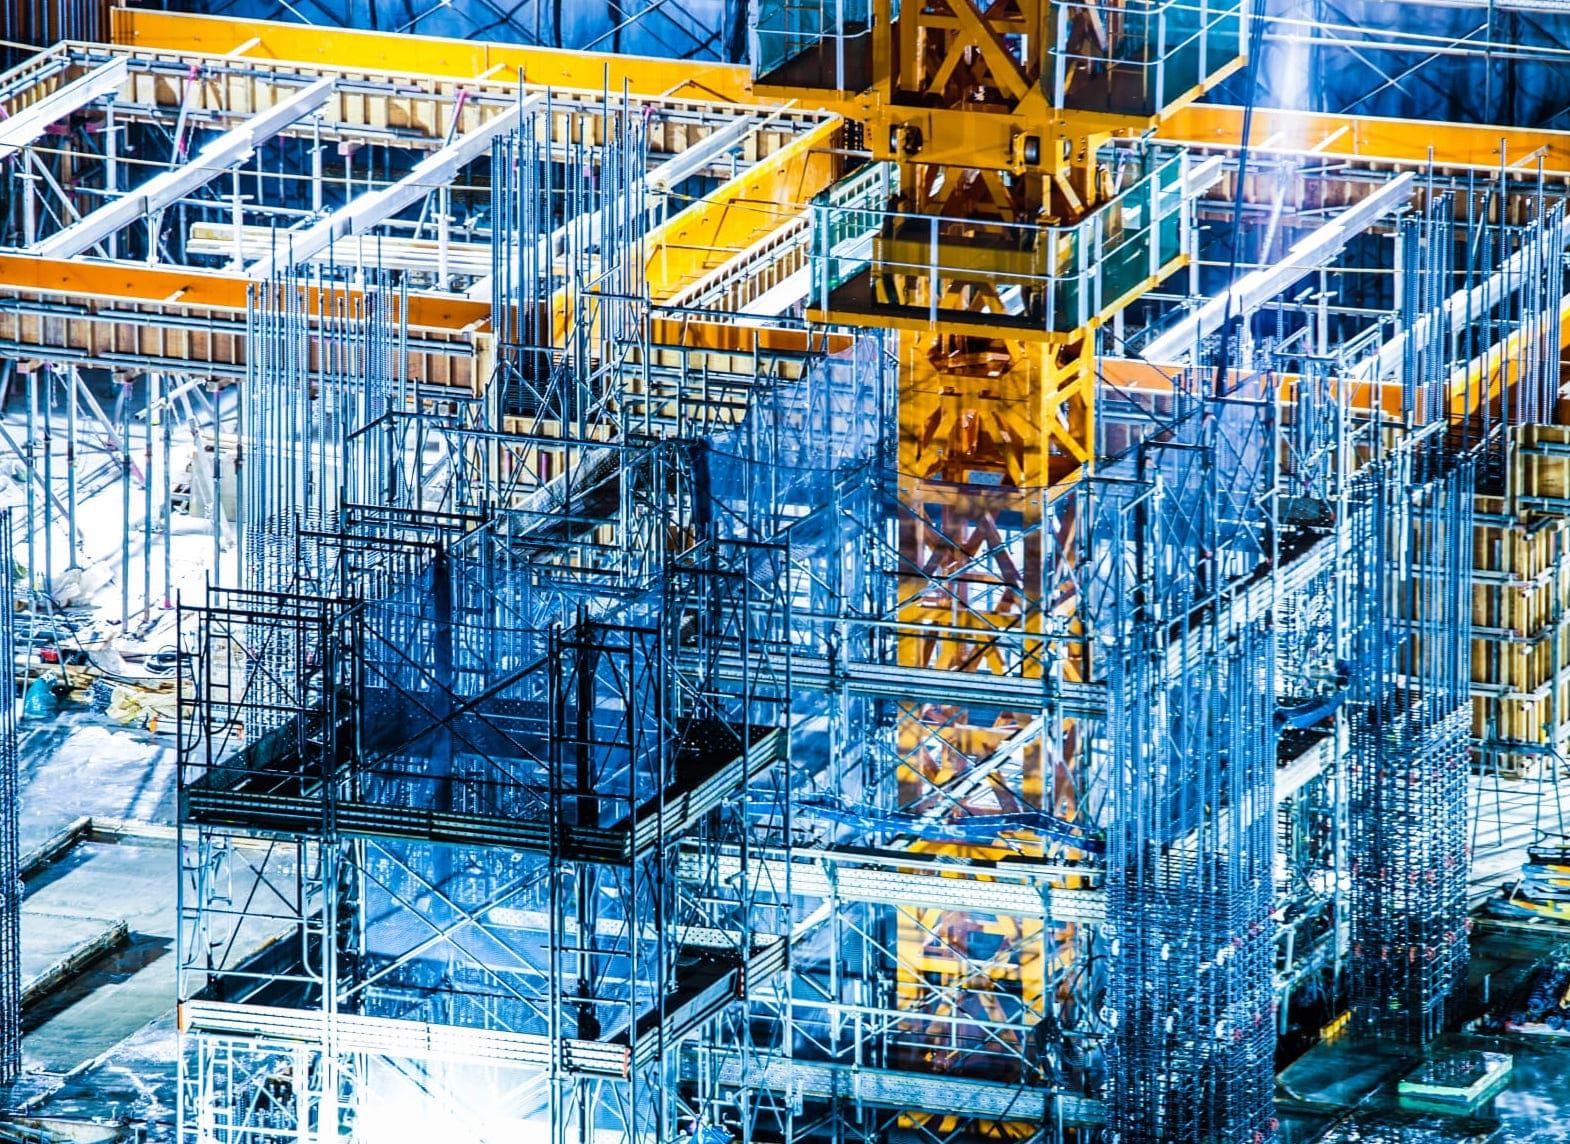 建築業【神奈川県】のリストを販売開始致しました。